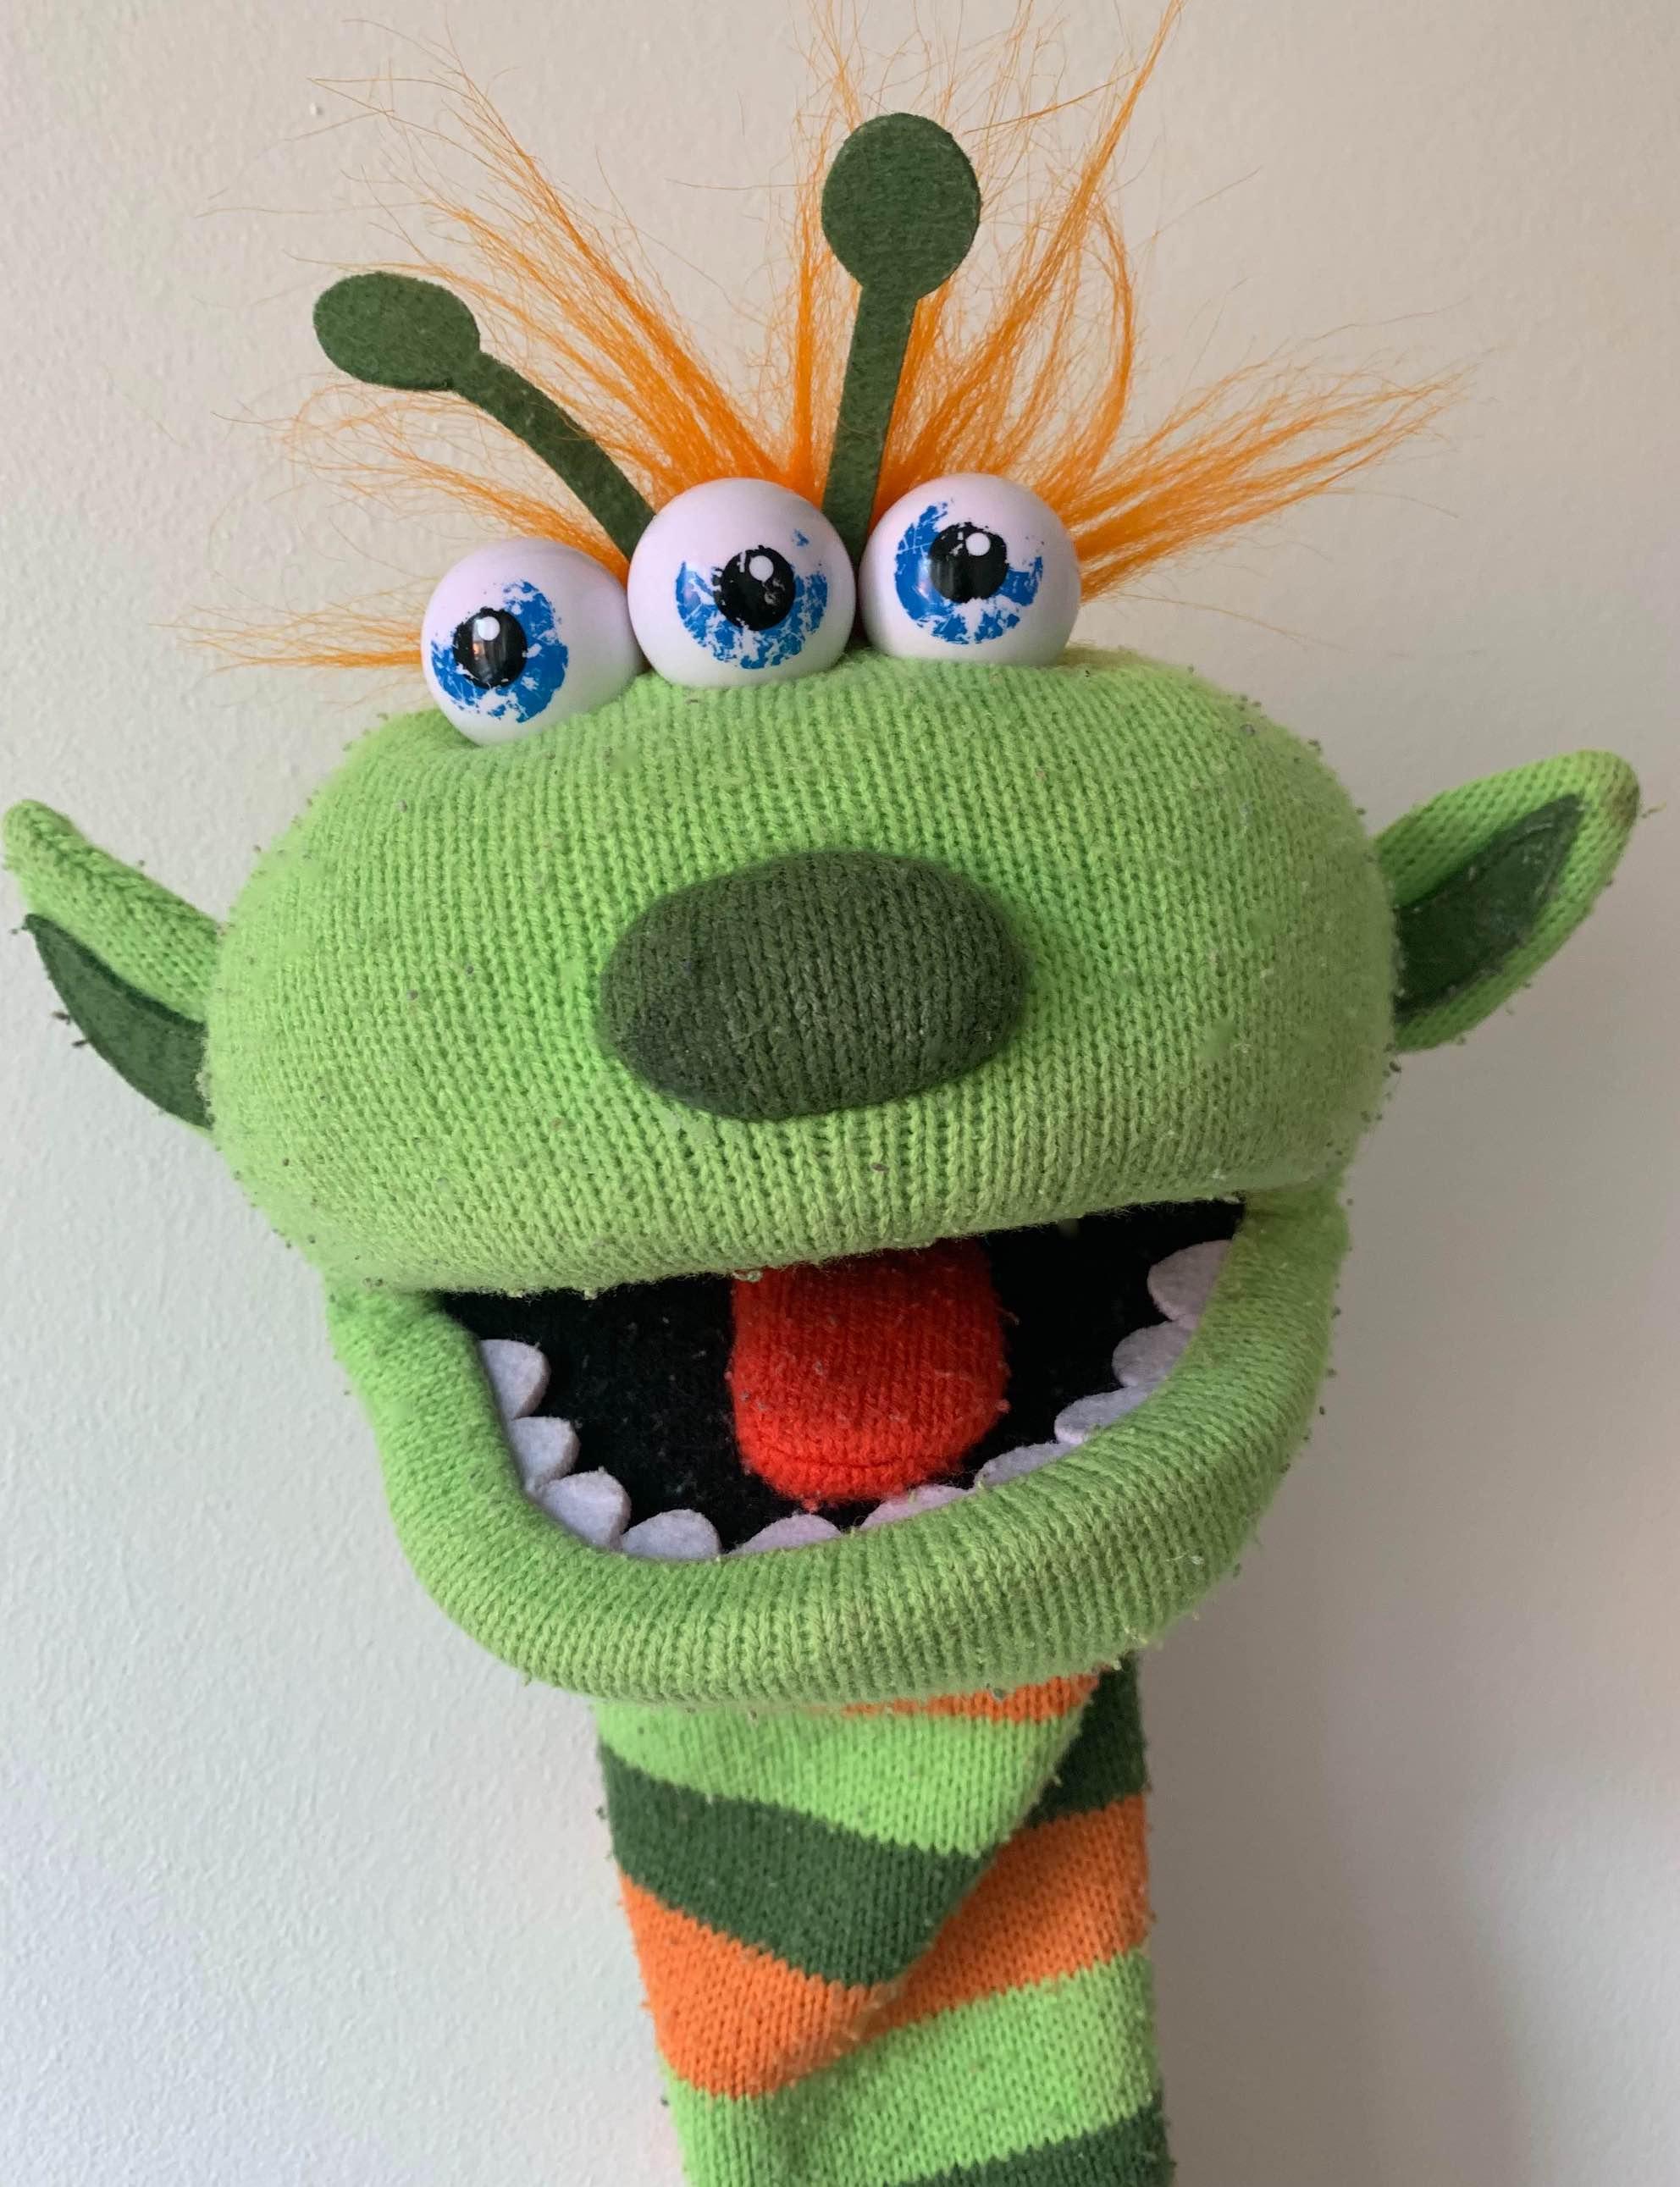 Ernie.